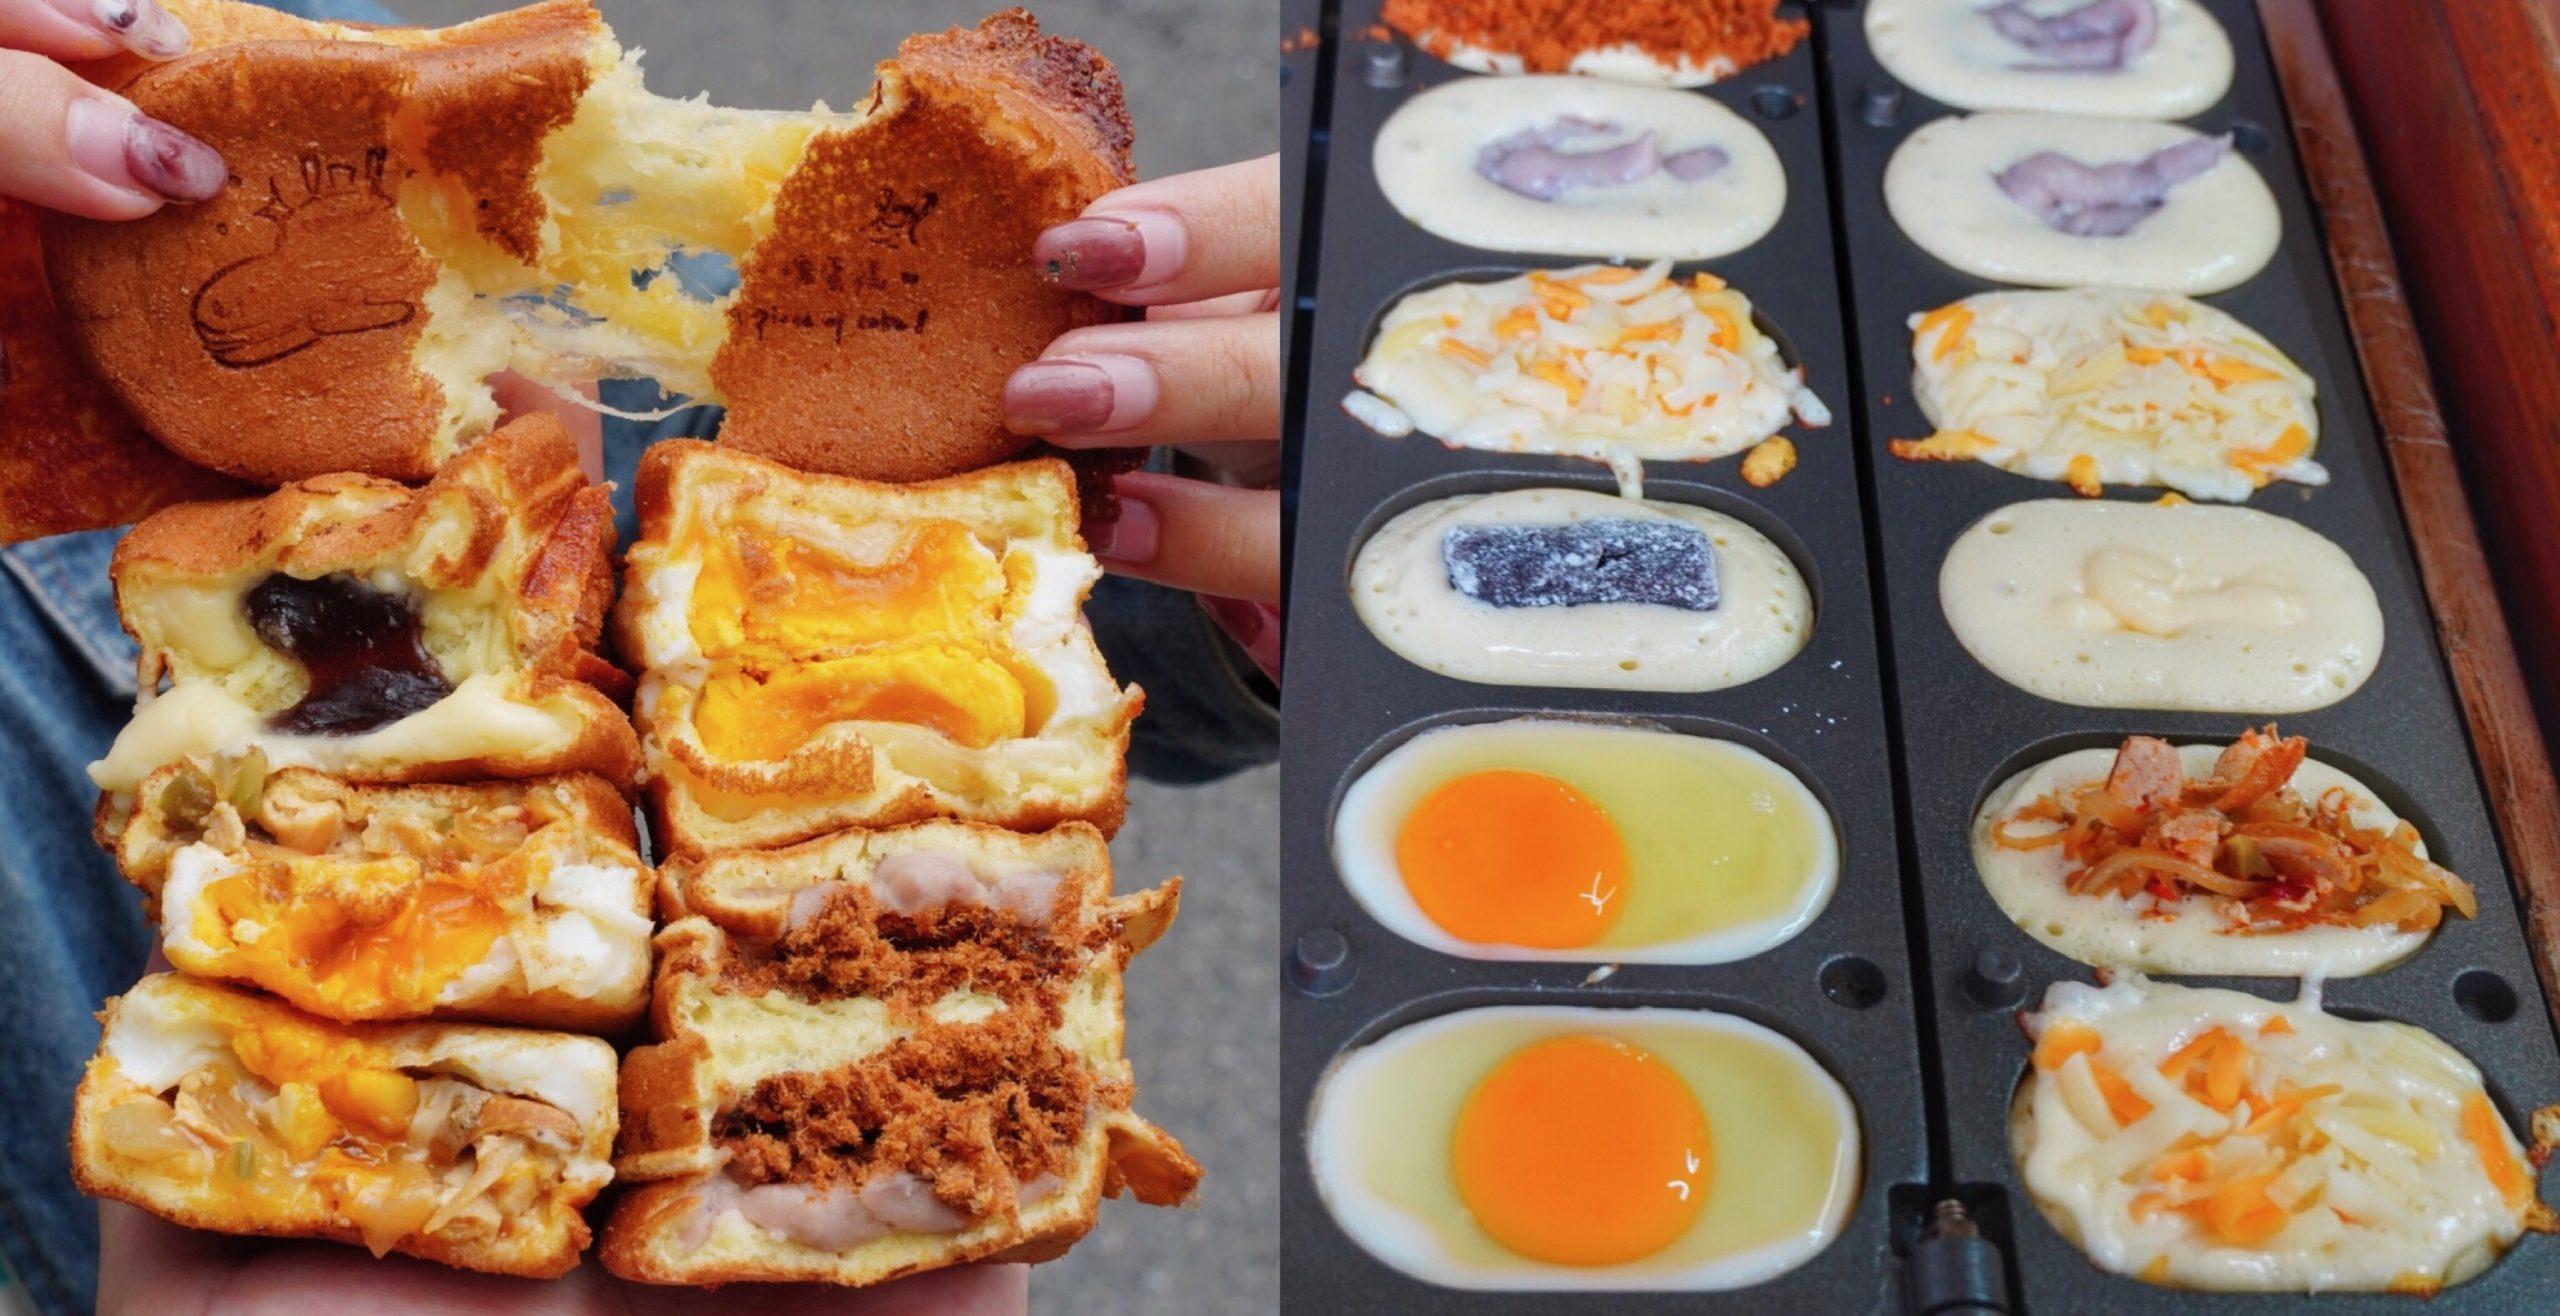 台南爆漿雞蛋糕【兔子高帽雞蛋燒】Double邪惡牽絲起司半熟雞蛋燒!!! 15種口味 芋泥+肉鬆超美味保證